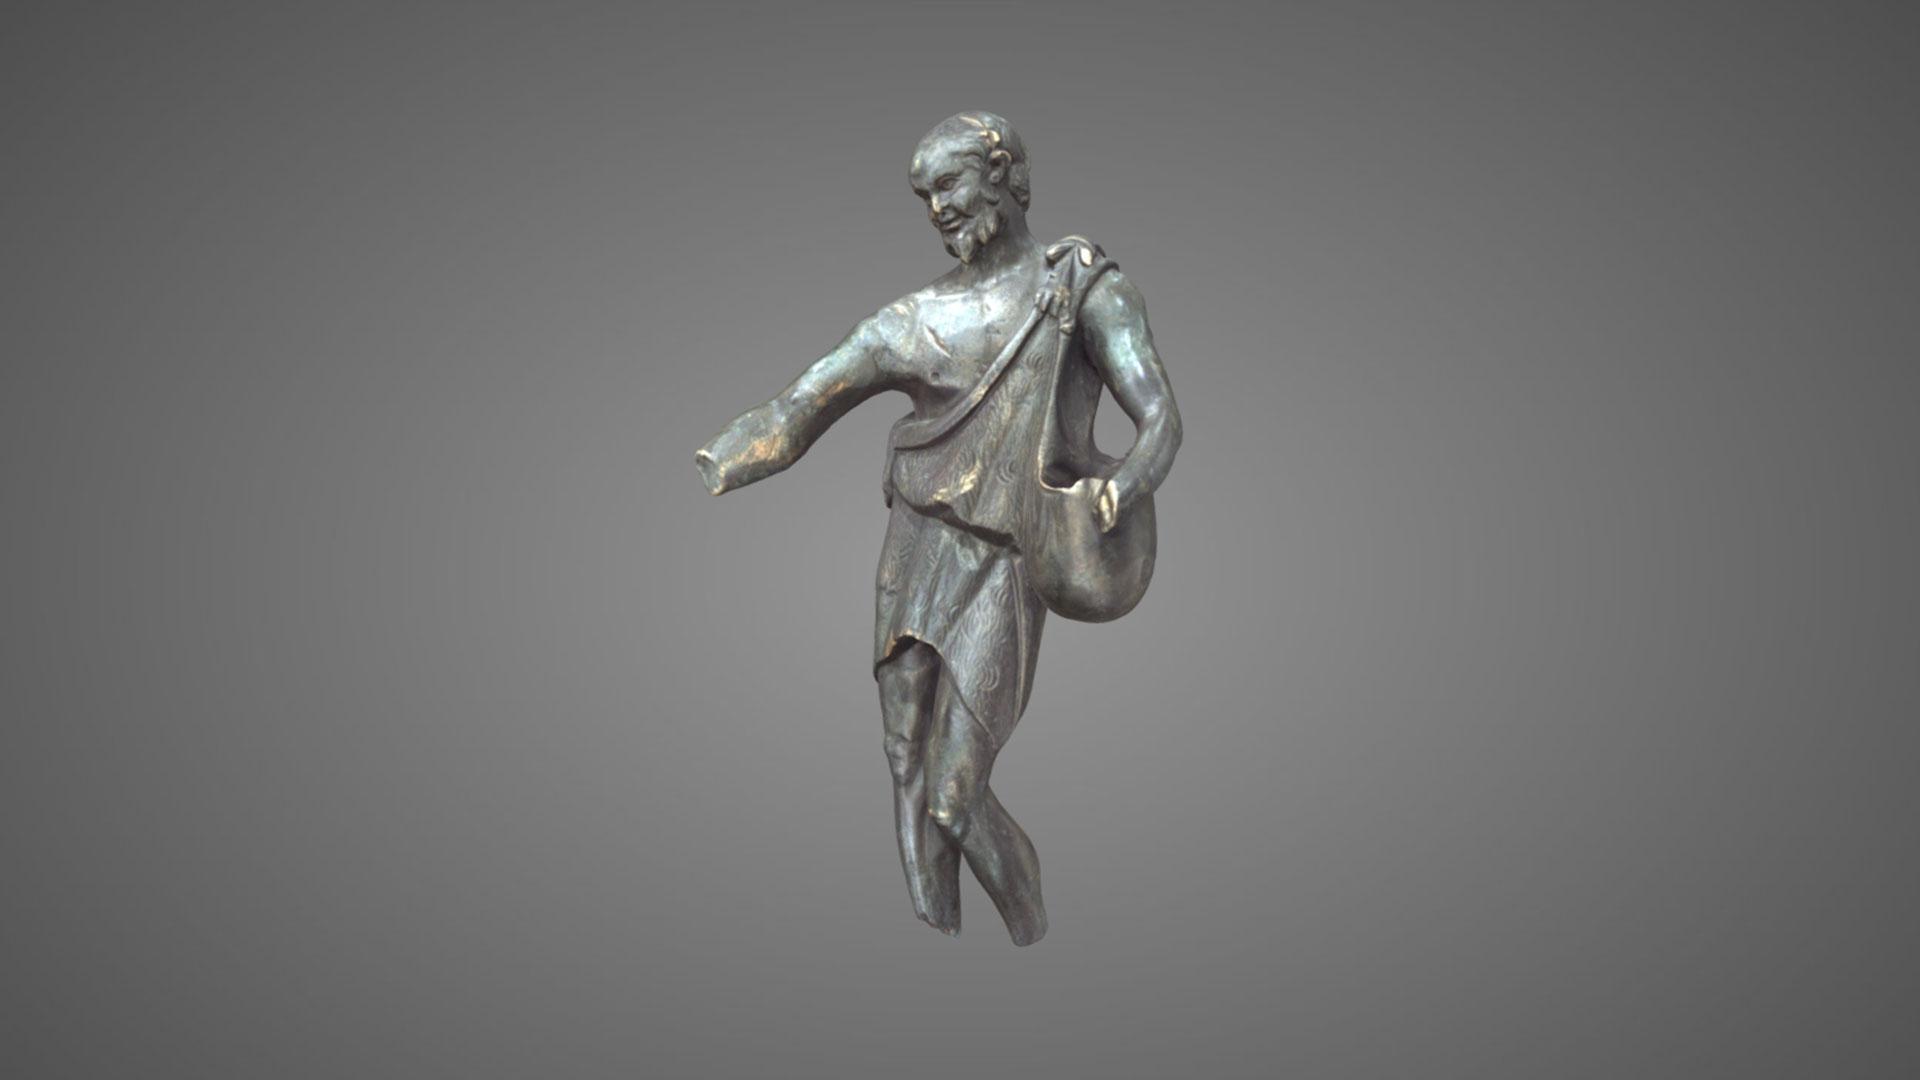 Statuetta di pastore/sileno in bronzo - 3D Model